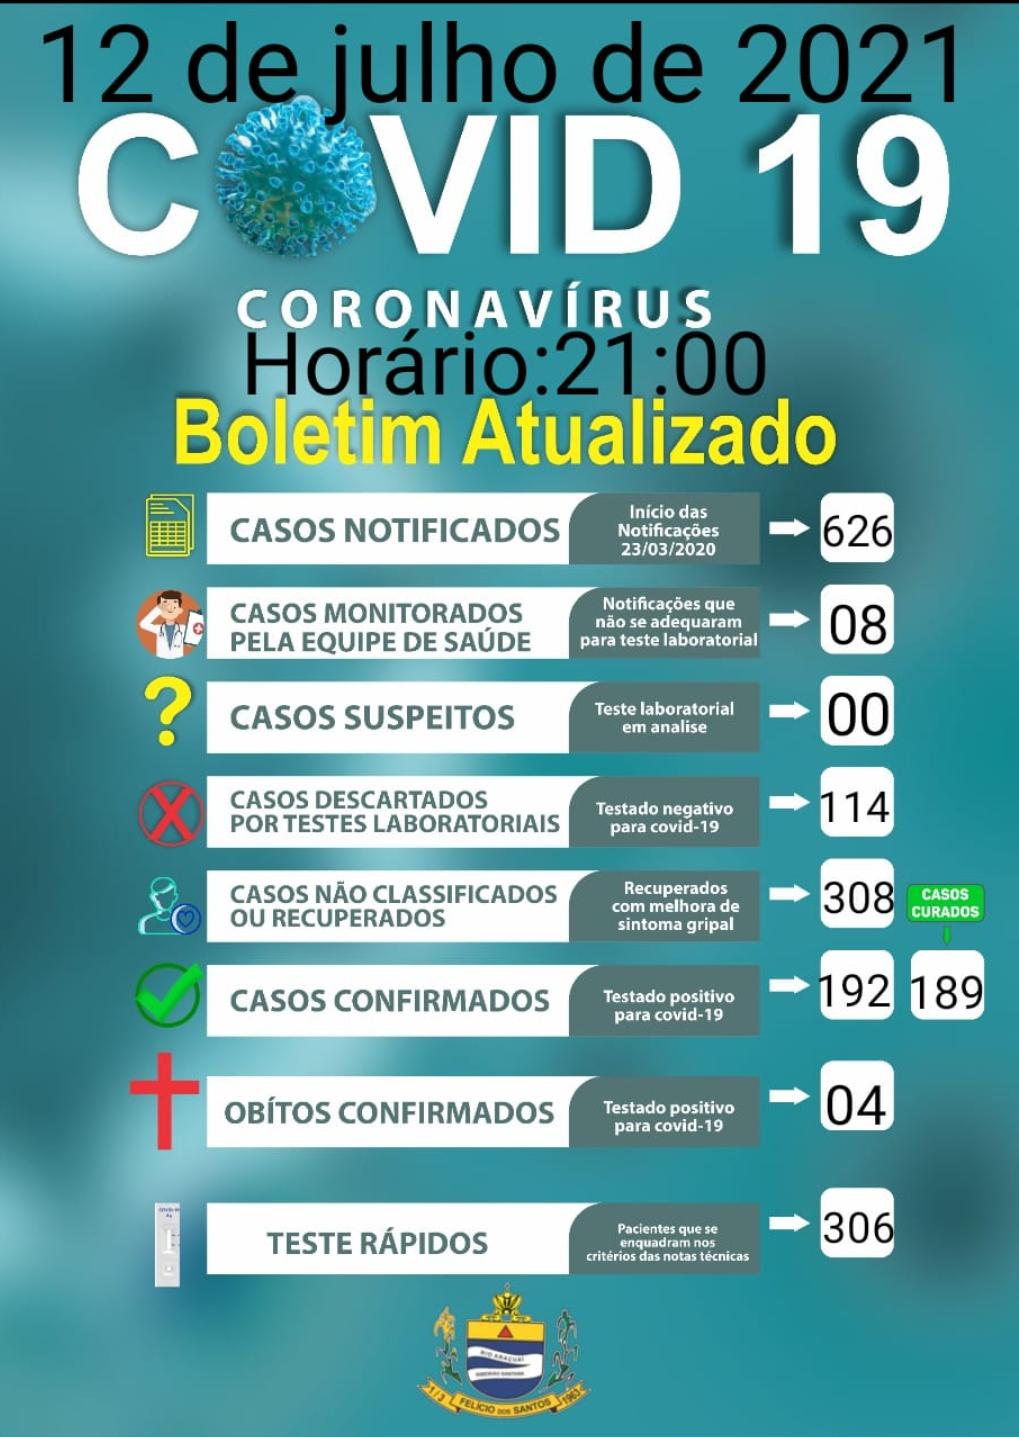 Boletim covid-19,12 de julho de 2021